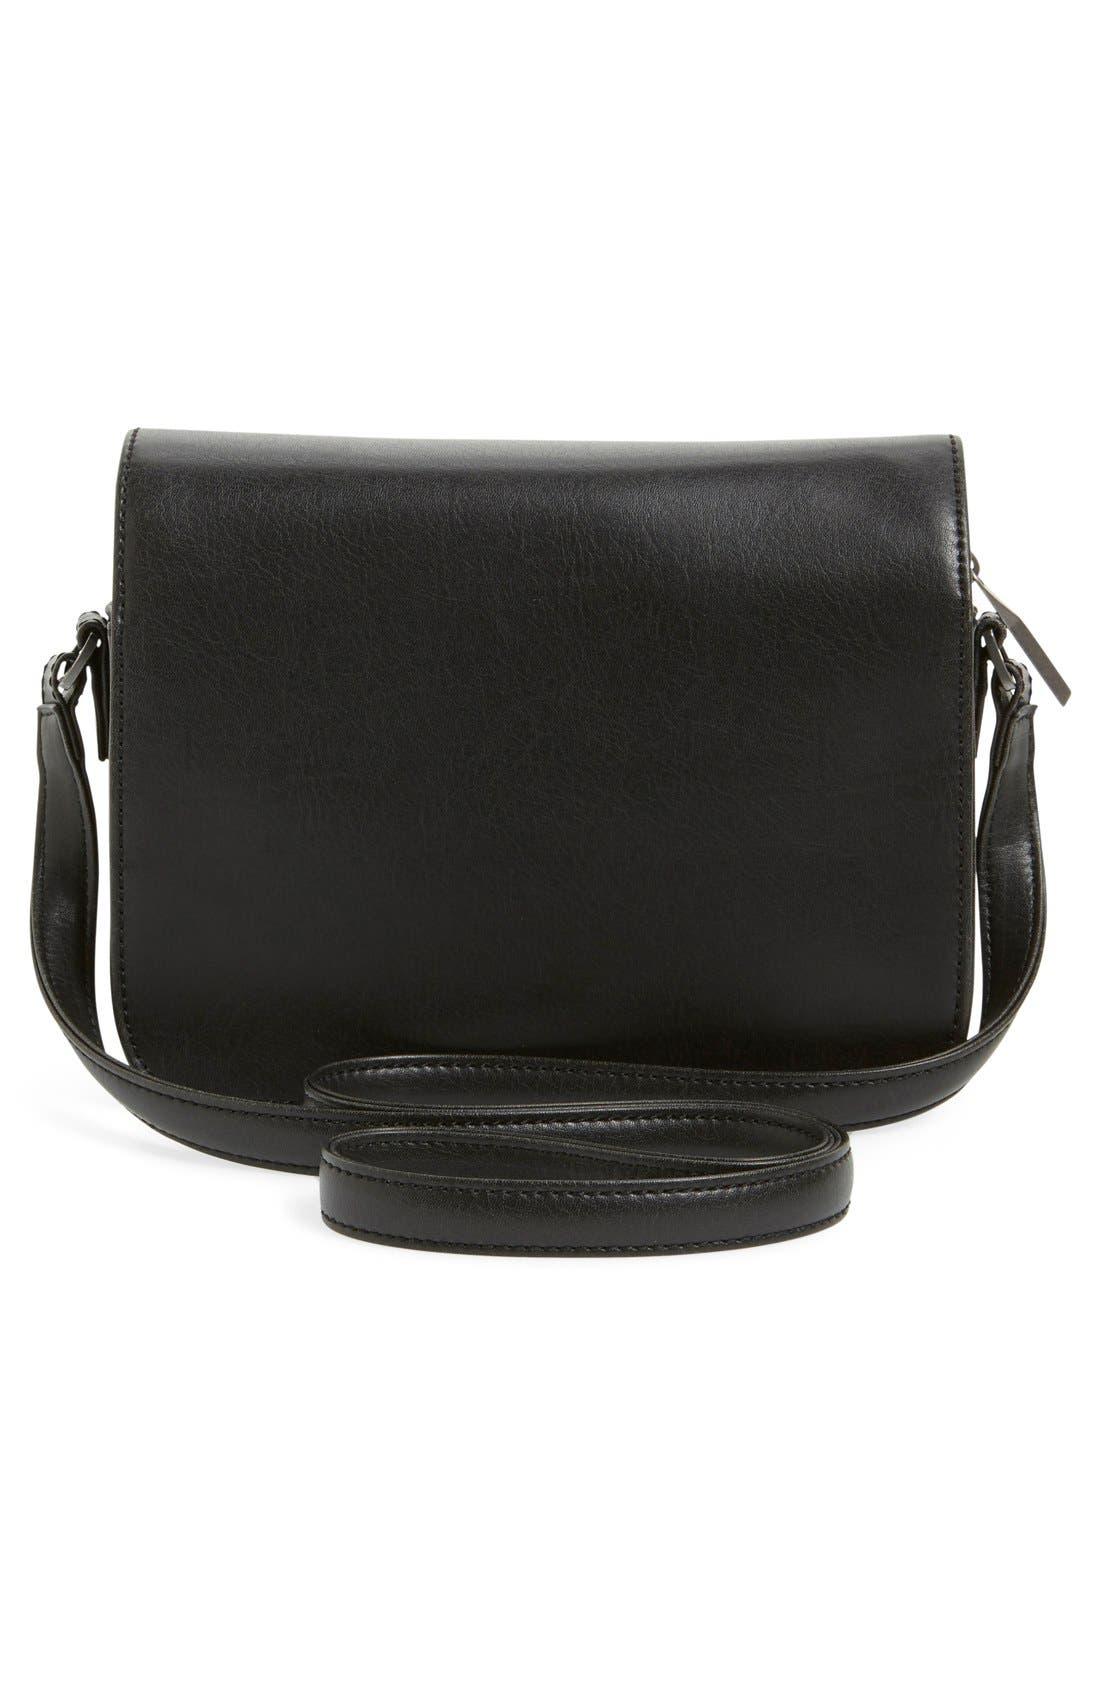 MATT & NAT,                             'Elle' Vegan Leather Crossbody Bag,                             Alternate thumbnail 4, color,                             001